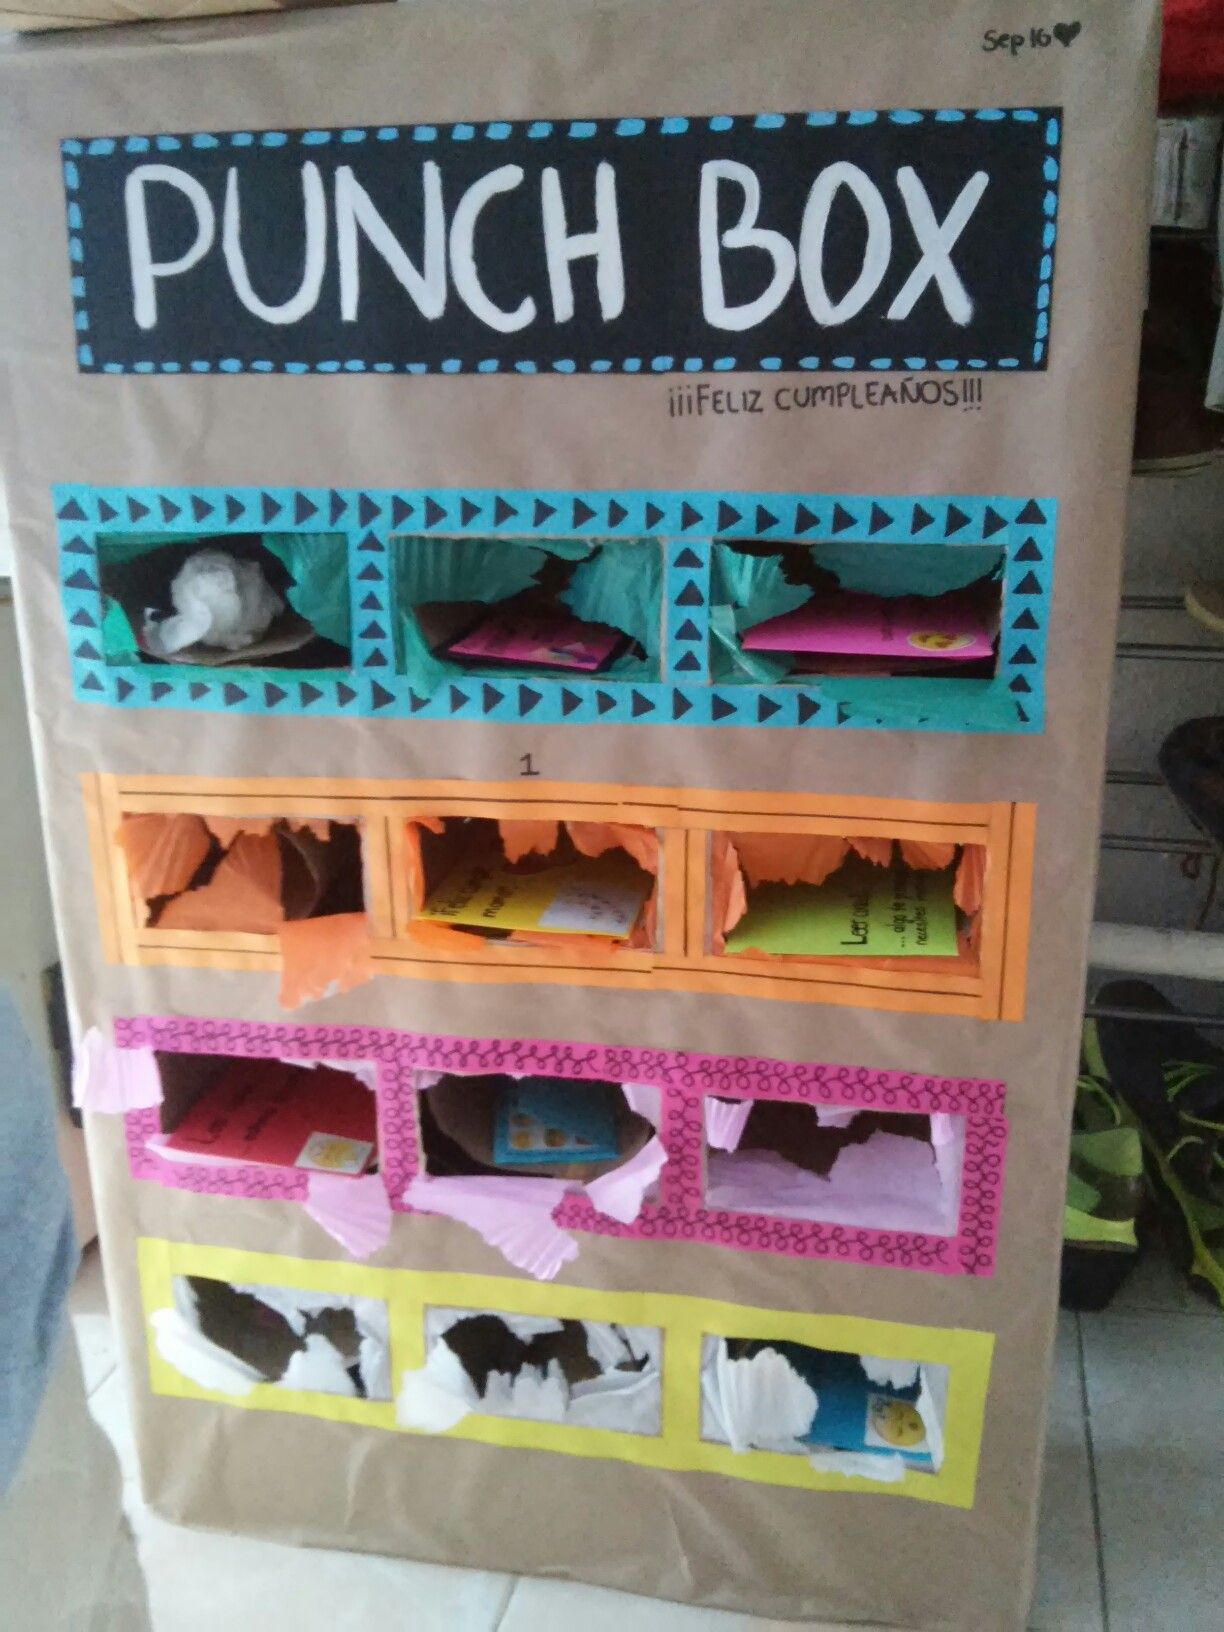 Punch Box Caja De Sorpresas Descubre Lo Que Hay Dentro Con Un Puno